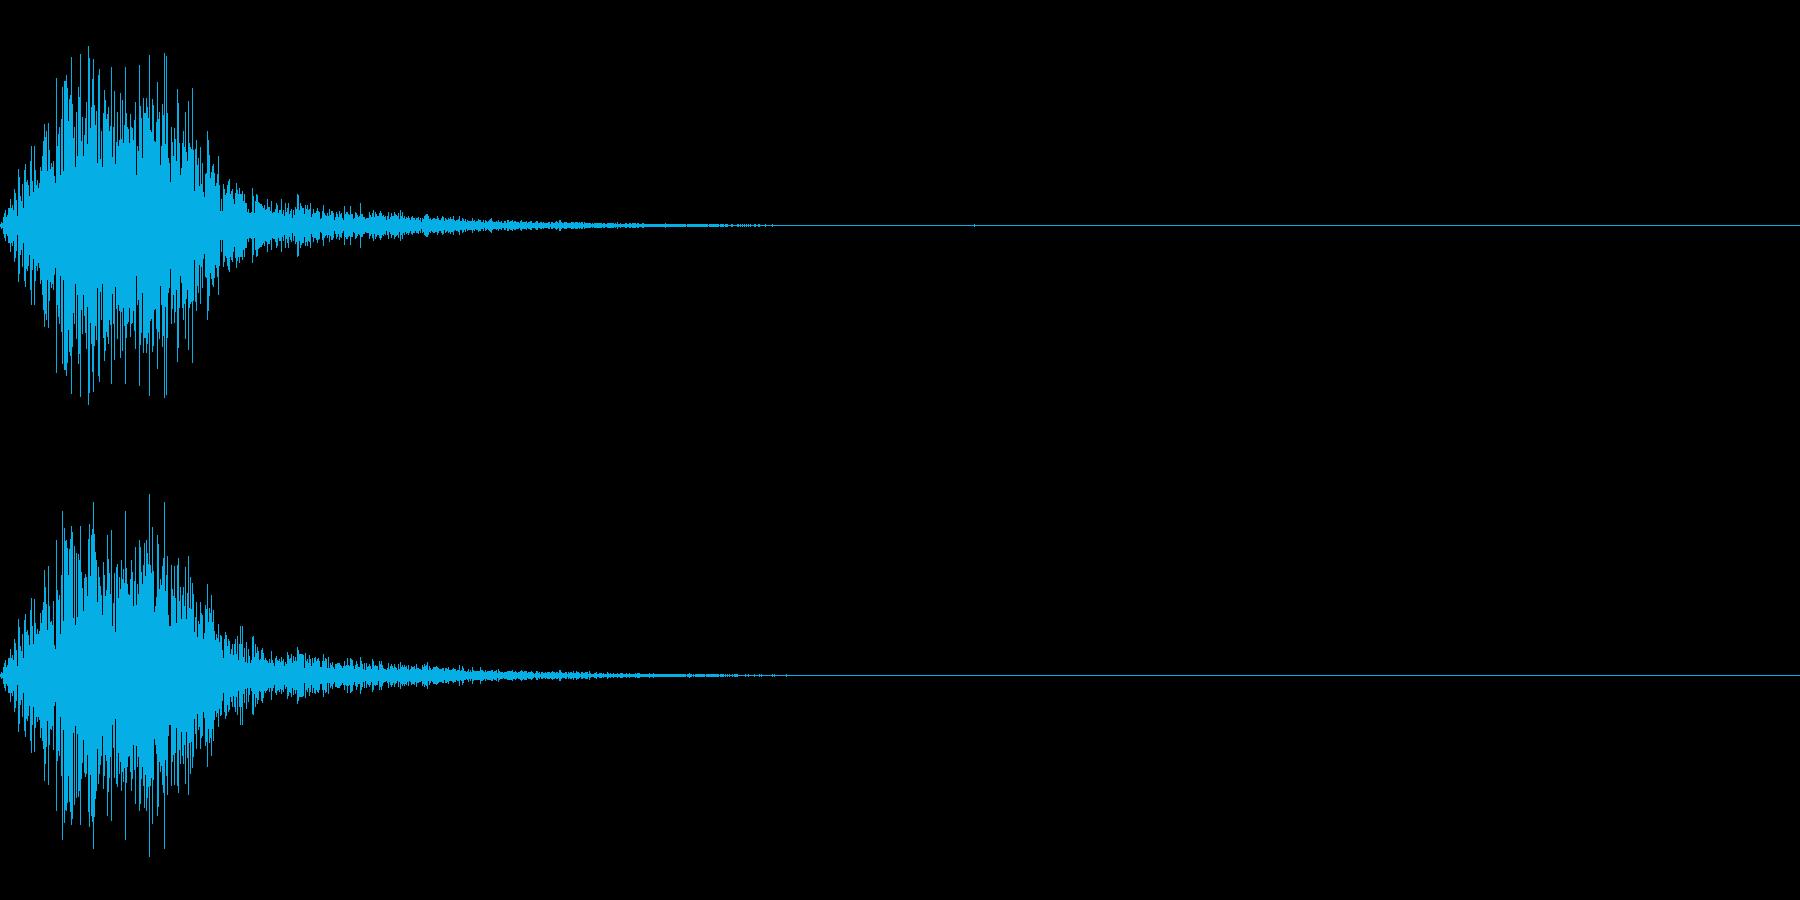 スイング/バット/振る/ブンッ/ジャンプの再生済みの波形